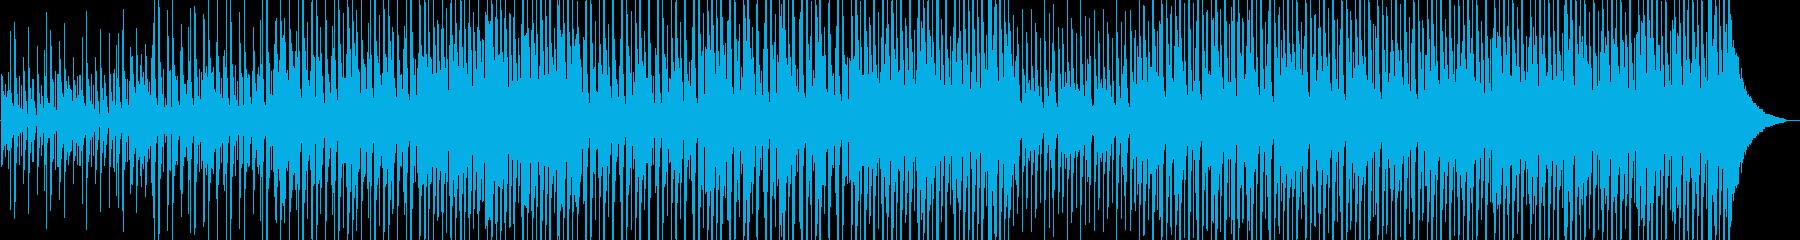 グロッケンが可愛らしい軽快なメロディーの再生済みの波形